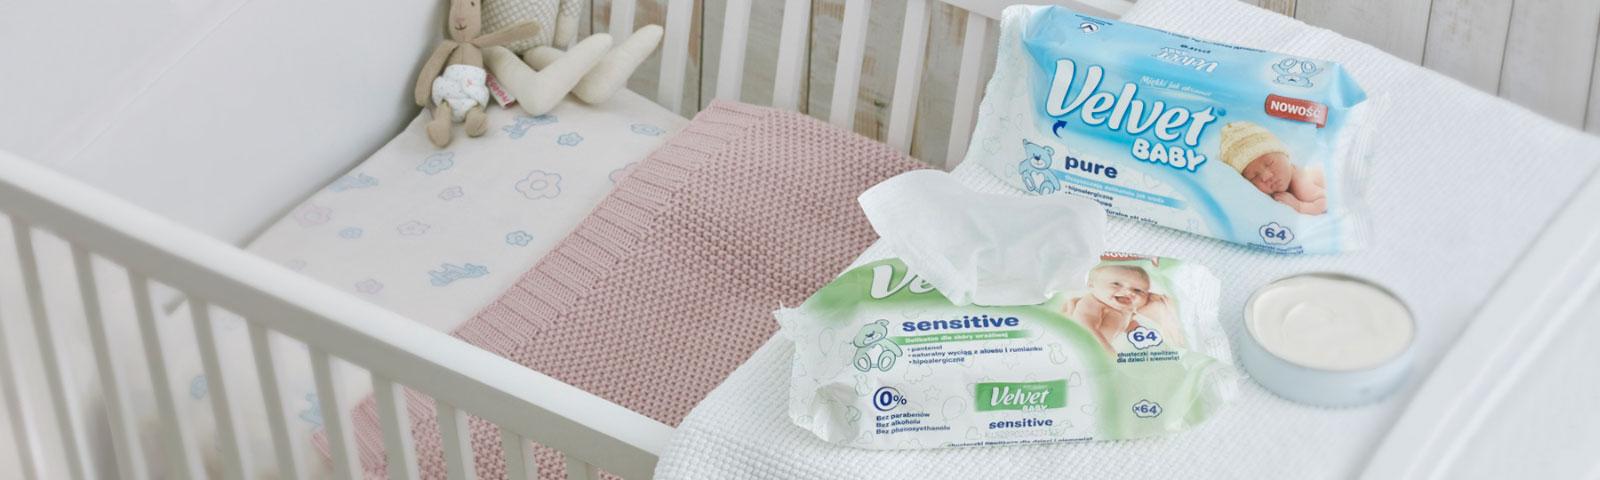 Prawidłowa pielęgnacja skóry niemowląt